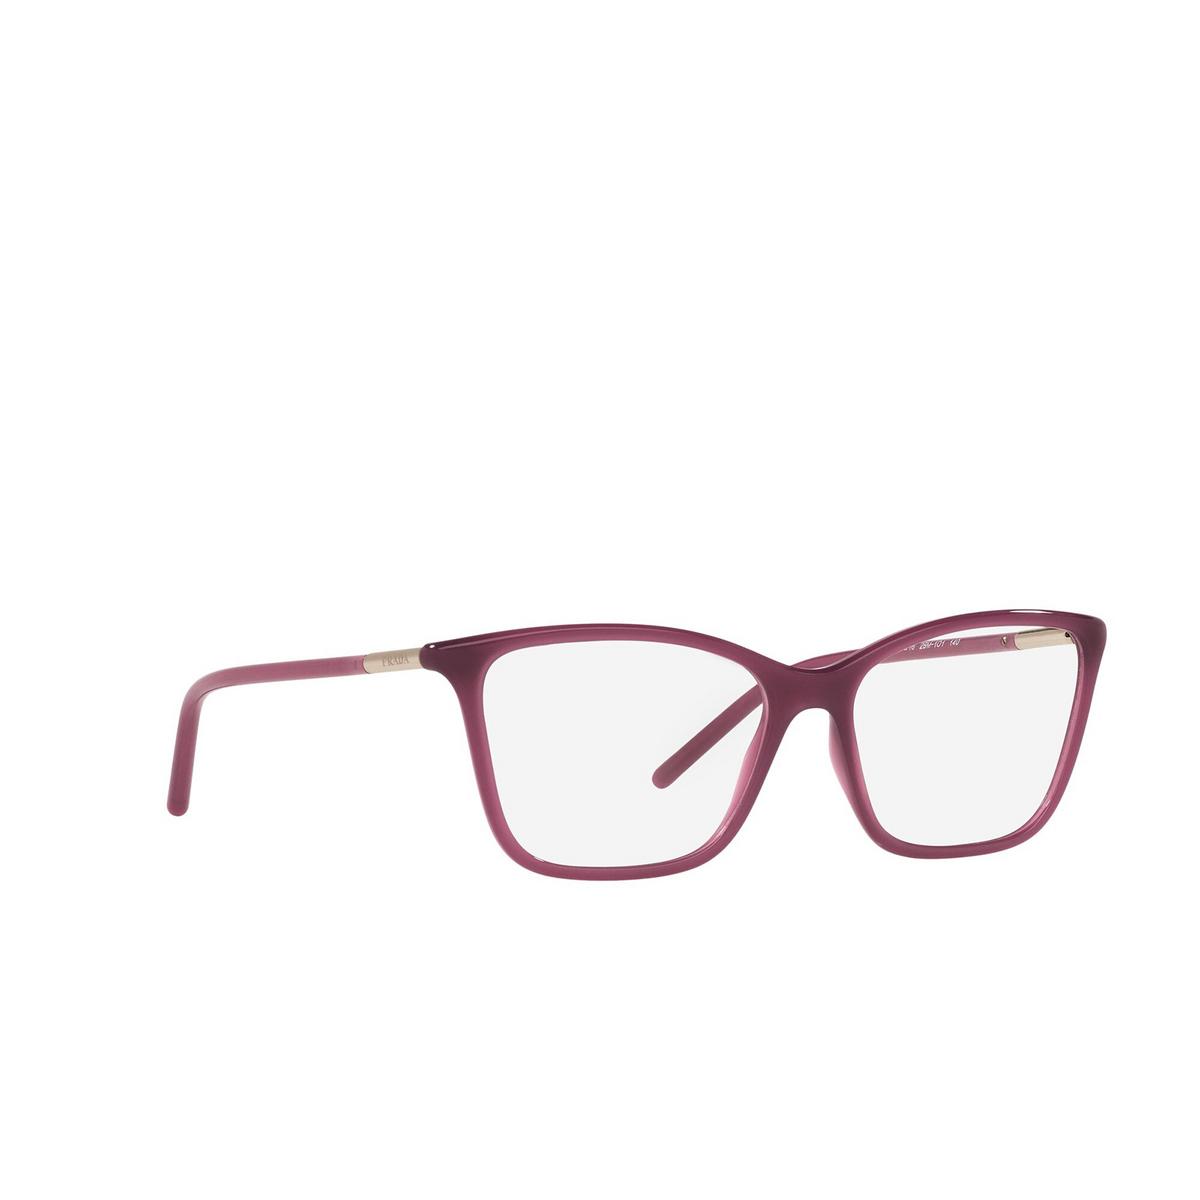 Prada® Cat-eye Eyeglasses: PR 08WV color Opal Bordeaux 2BM1O1 - three-quarters view.